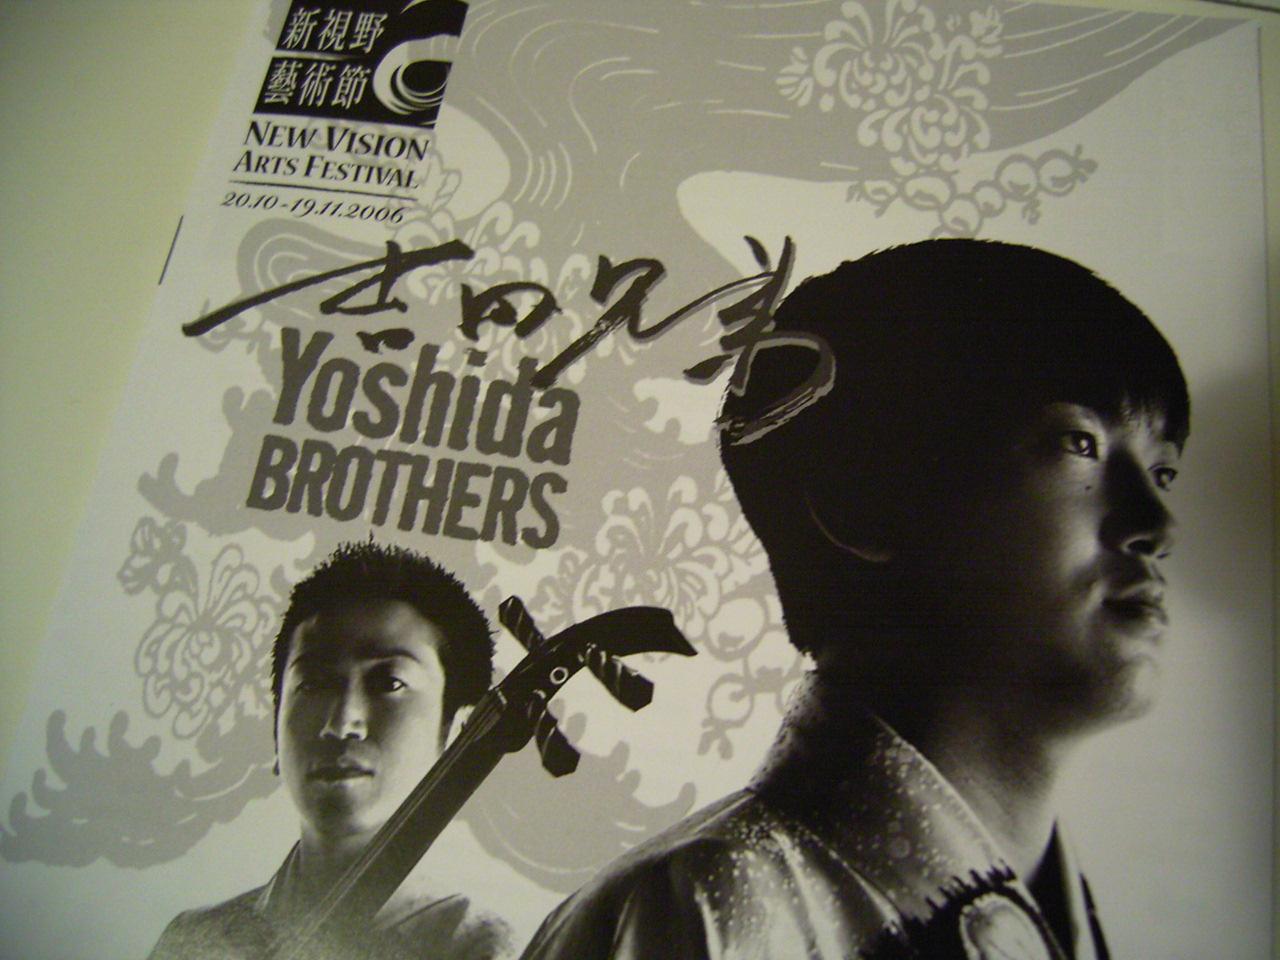 Yoshida Brothers Rising